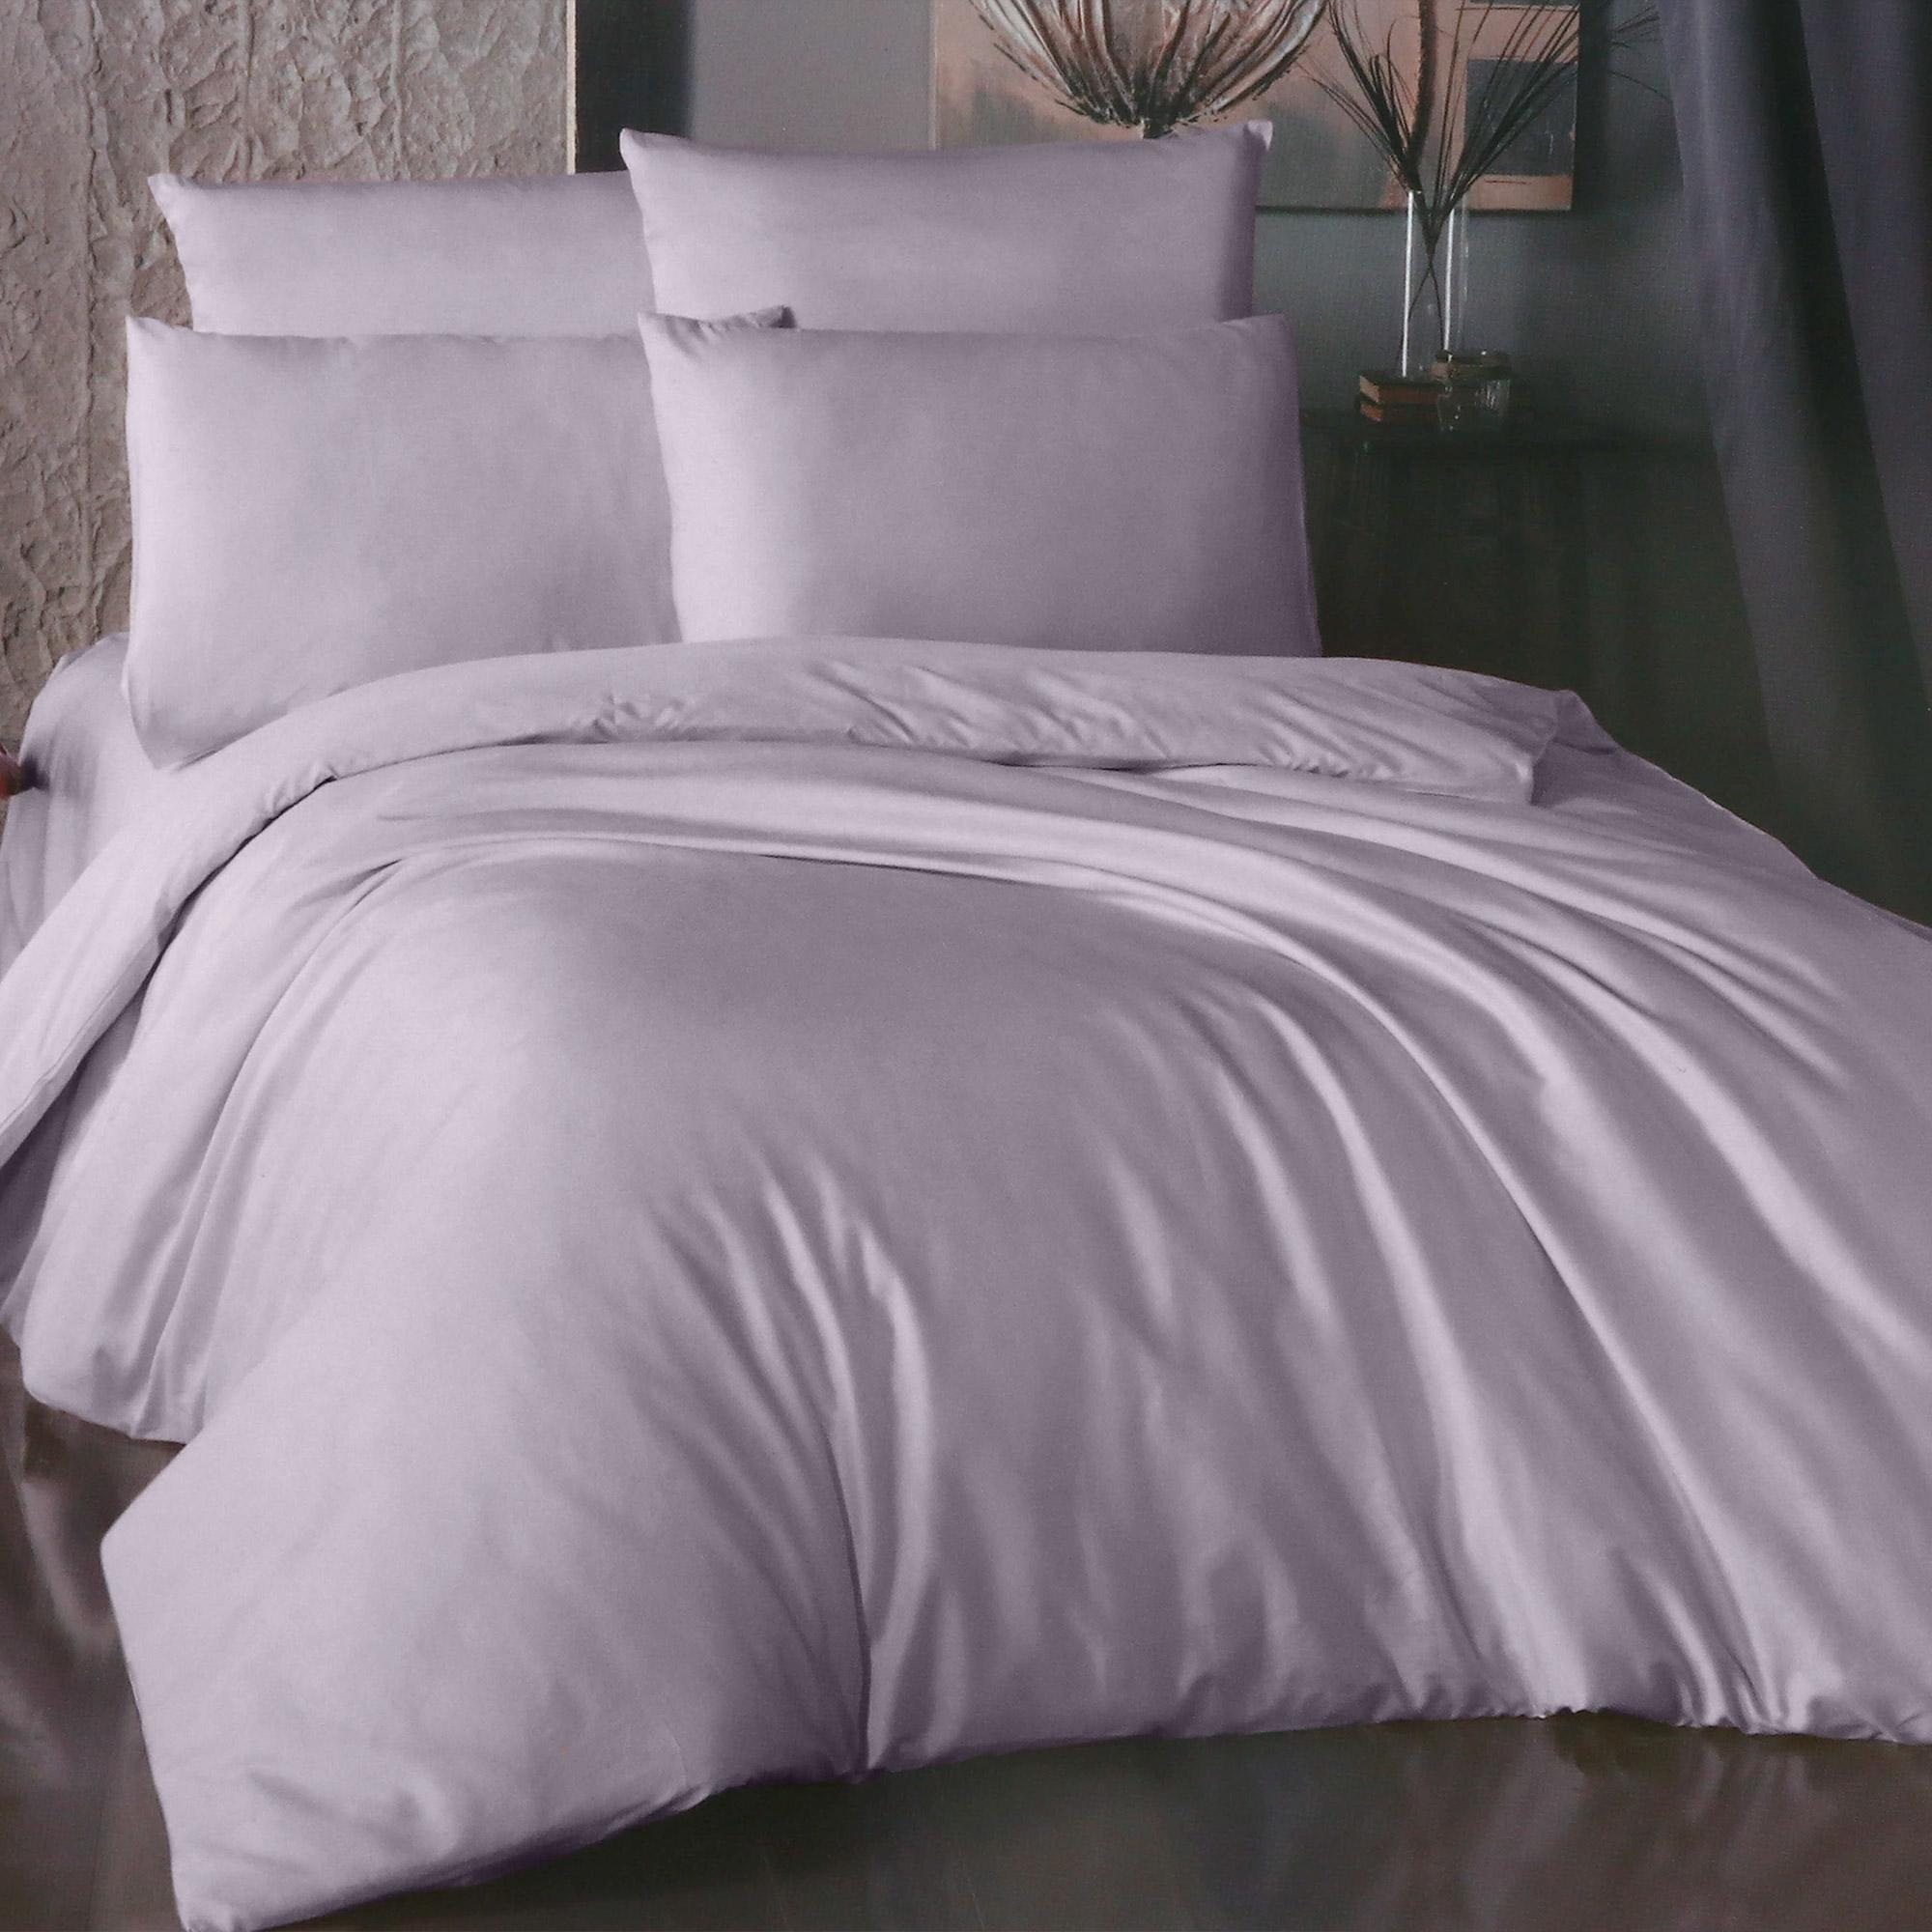 Фото - Комплект постельного белья La Besse Ранфорс лиловый Евро комплект постельного белья la besse ранфорс тёмно серый евро